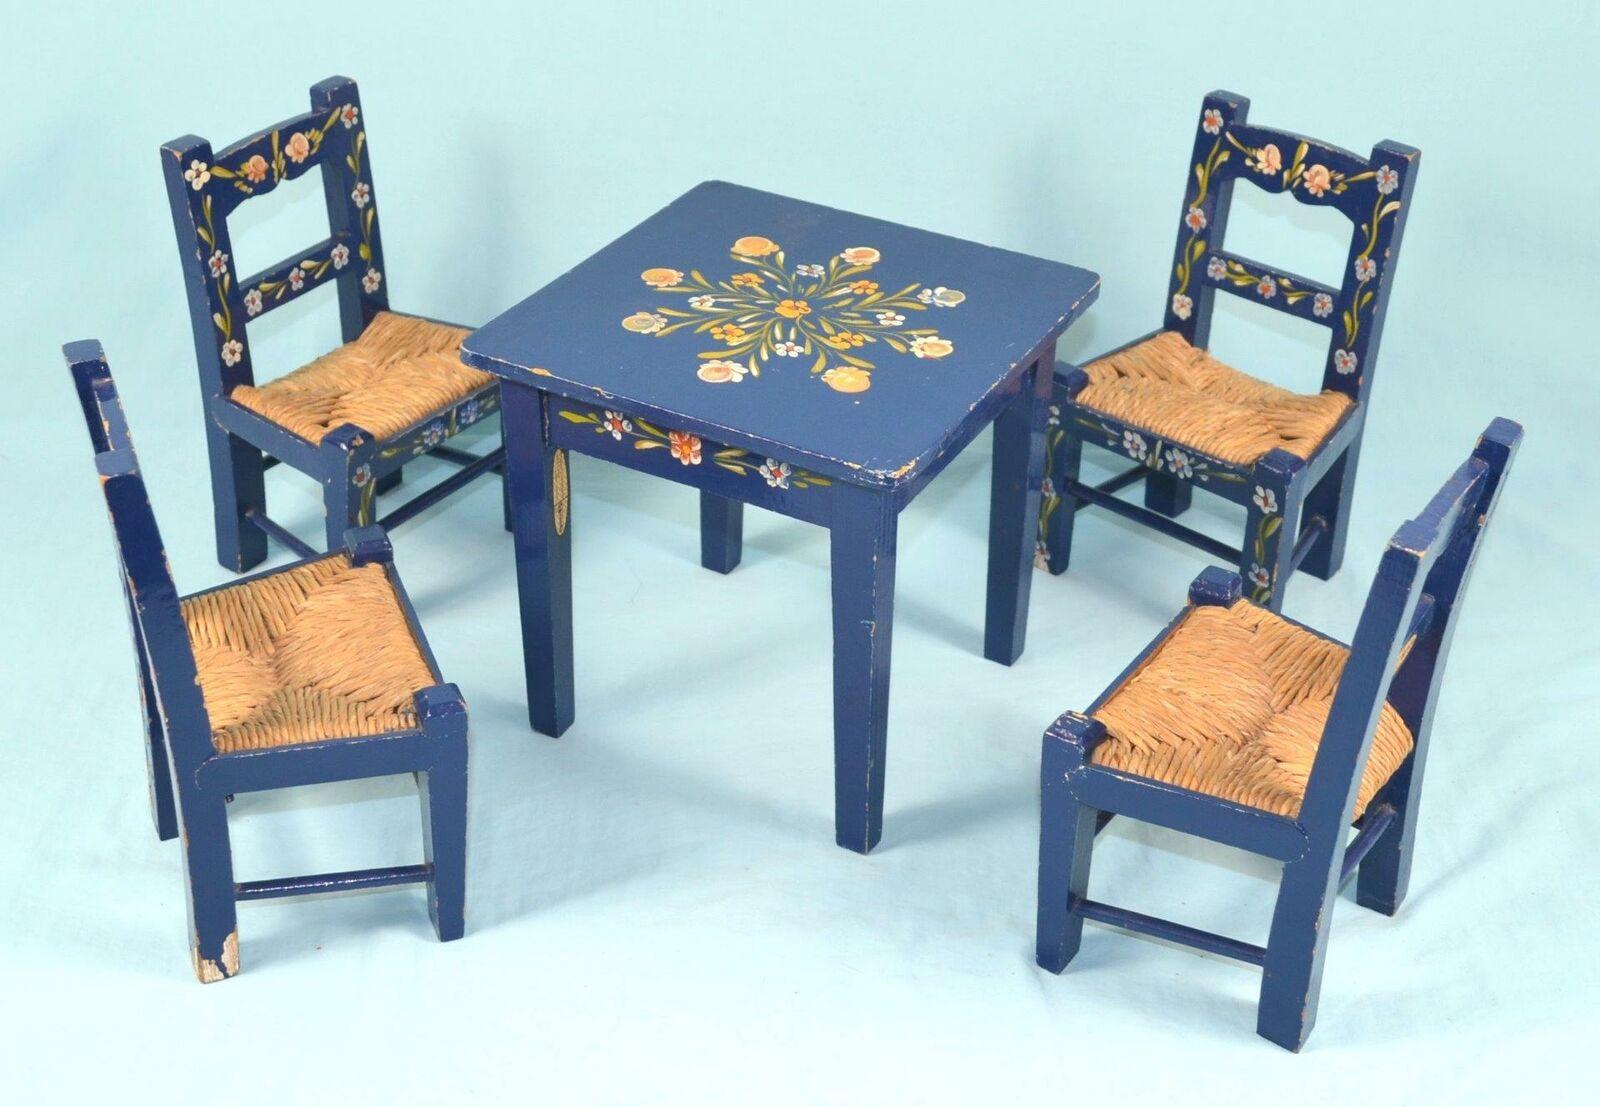 buen precio  Muñeca Muebles de Gadi Gadi Gadi de Portugal - 7.5  X 7.5  Mesa Con Cuatro Sillas  las mejores marcas venden barato